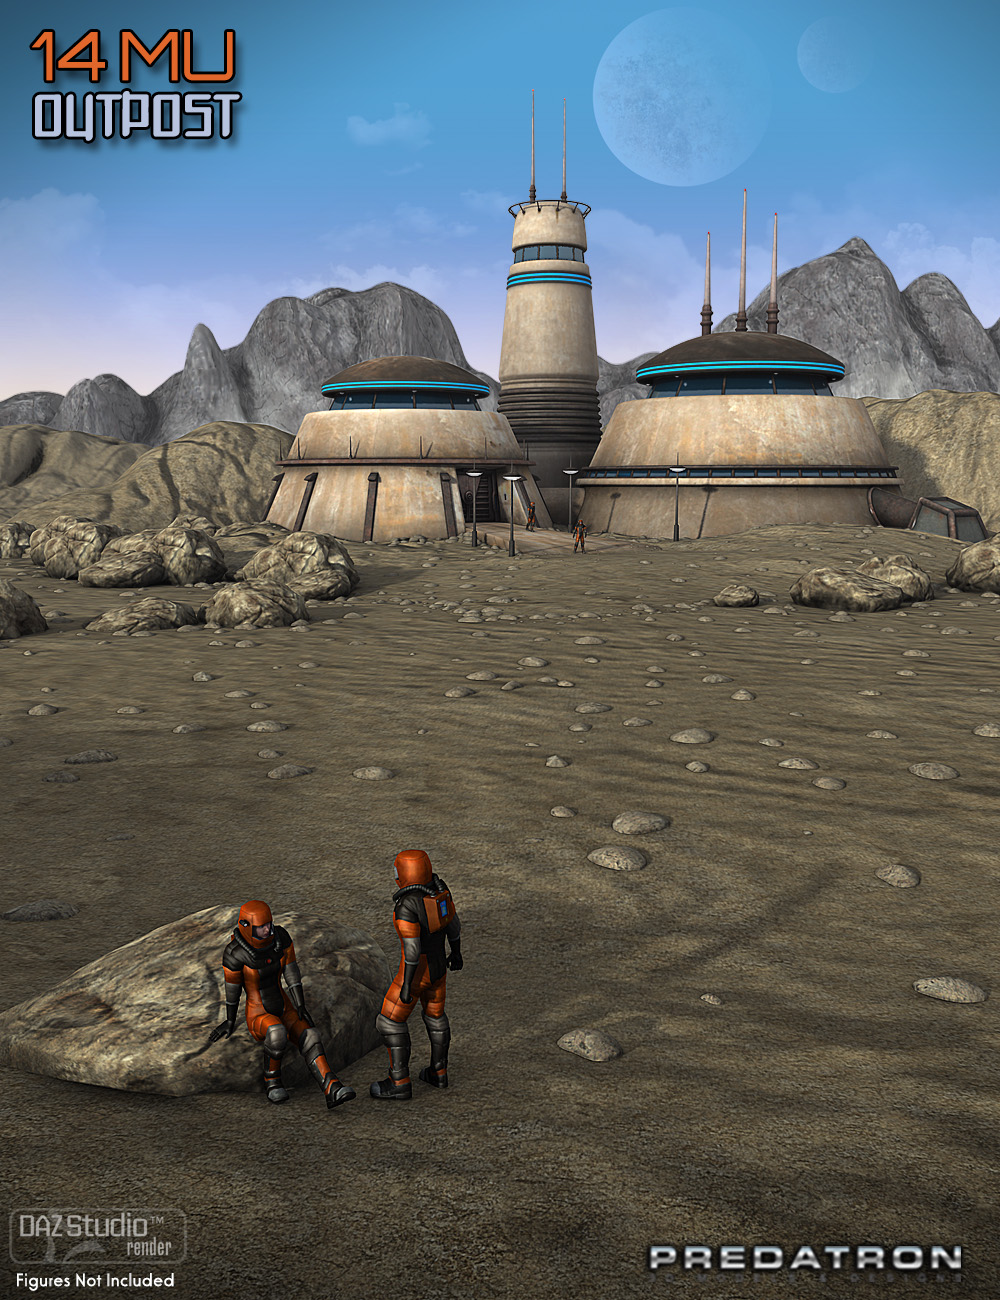 14MU Outpost by: Predatron, 3D Models by Daz 3D